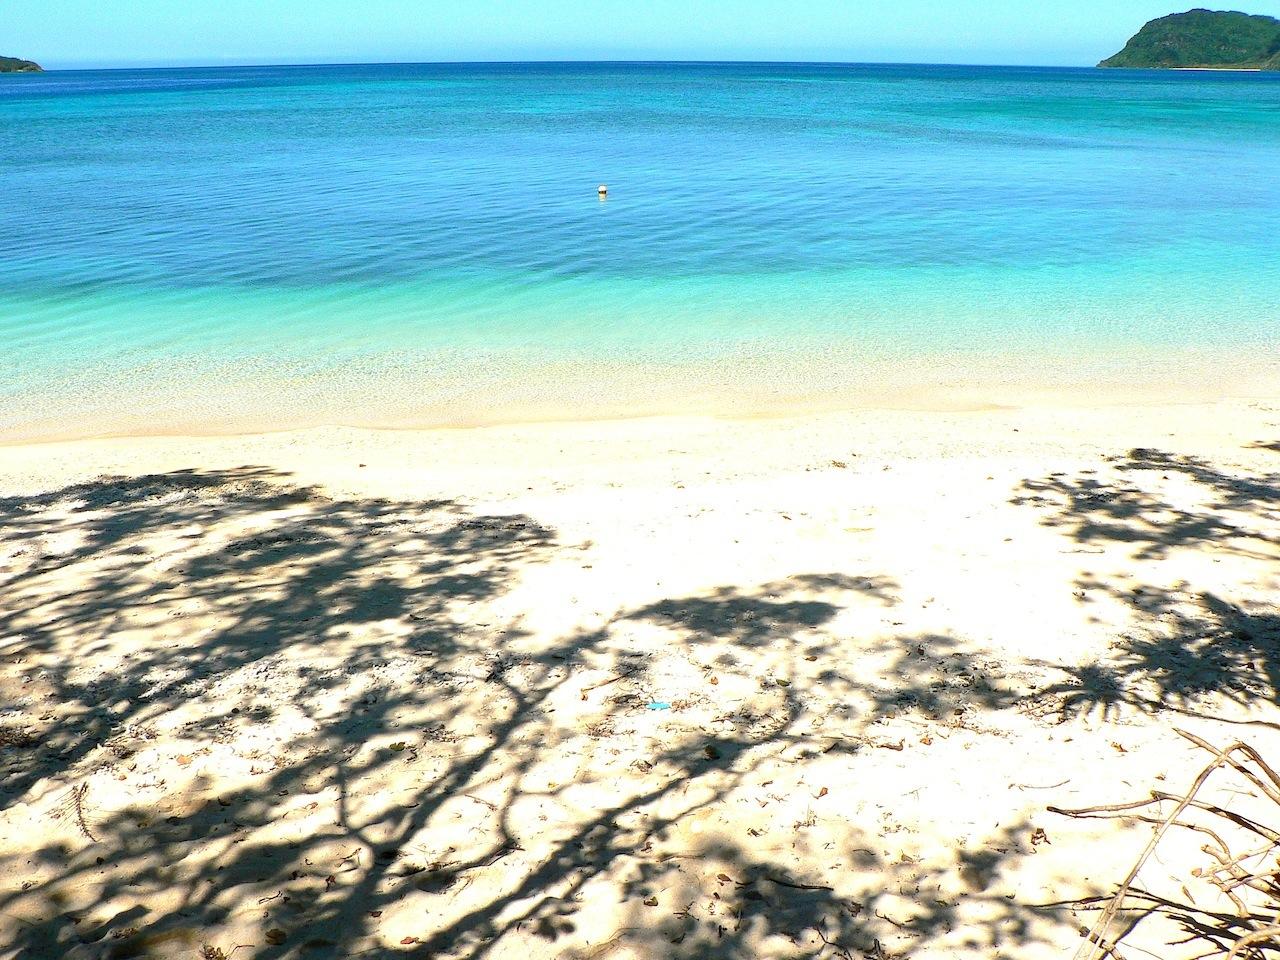 西表島の白い砂浜とエメラルドグリーンの海